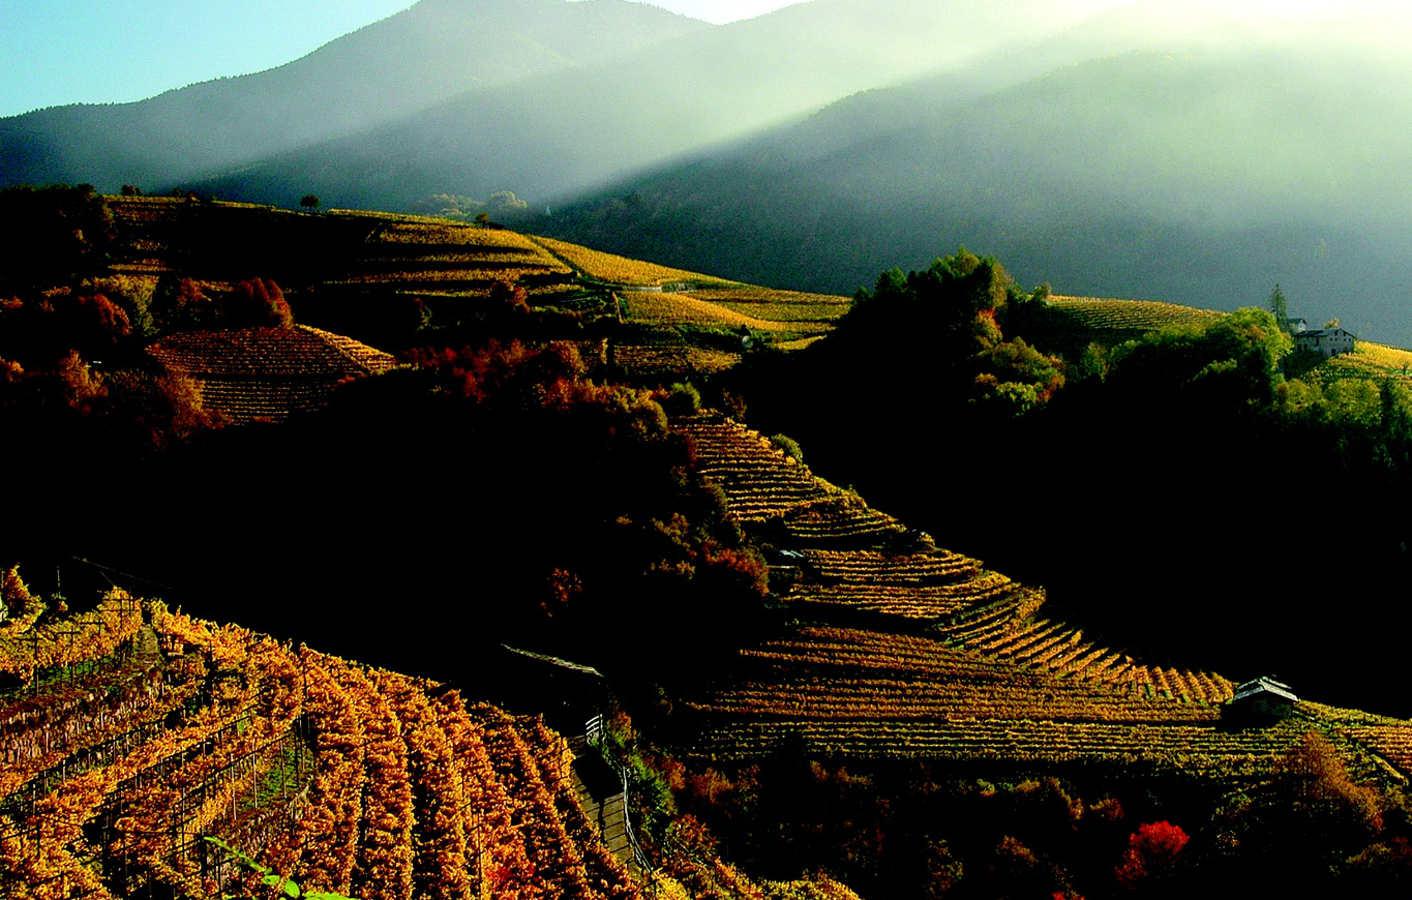 Vino di qualità ai primi posti per i visitatori del Trentino